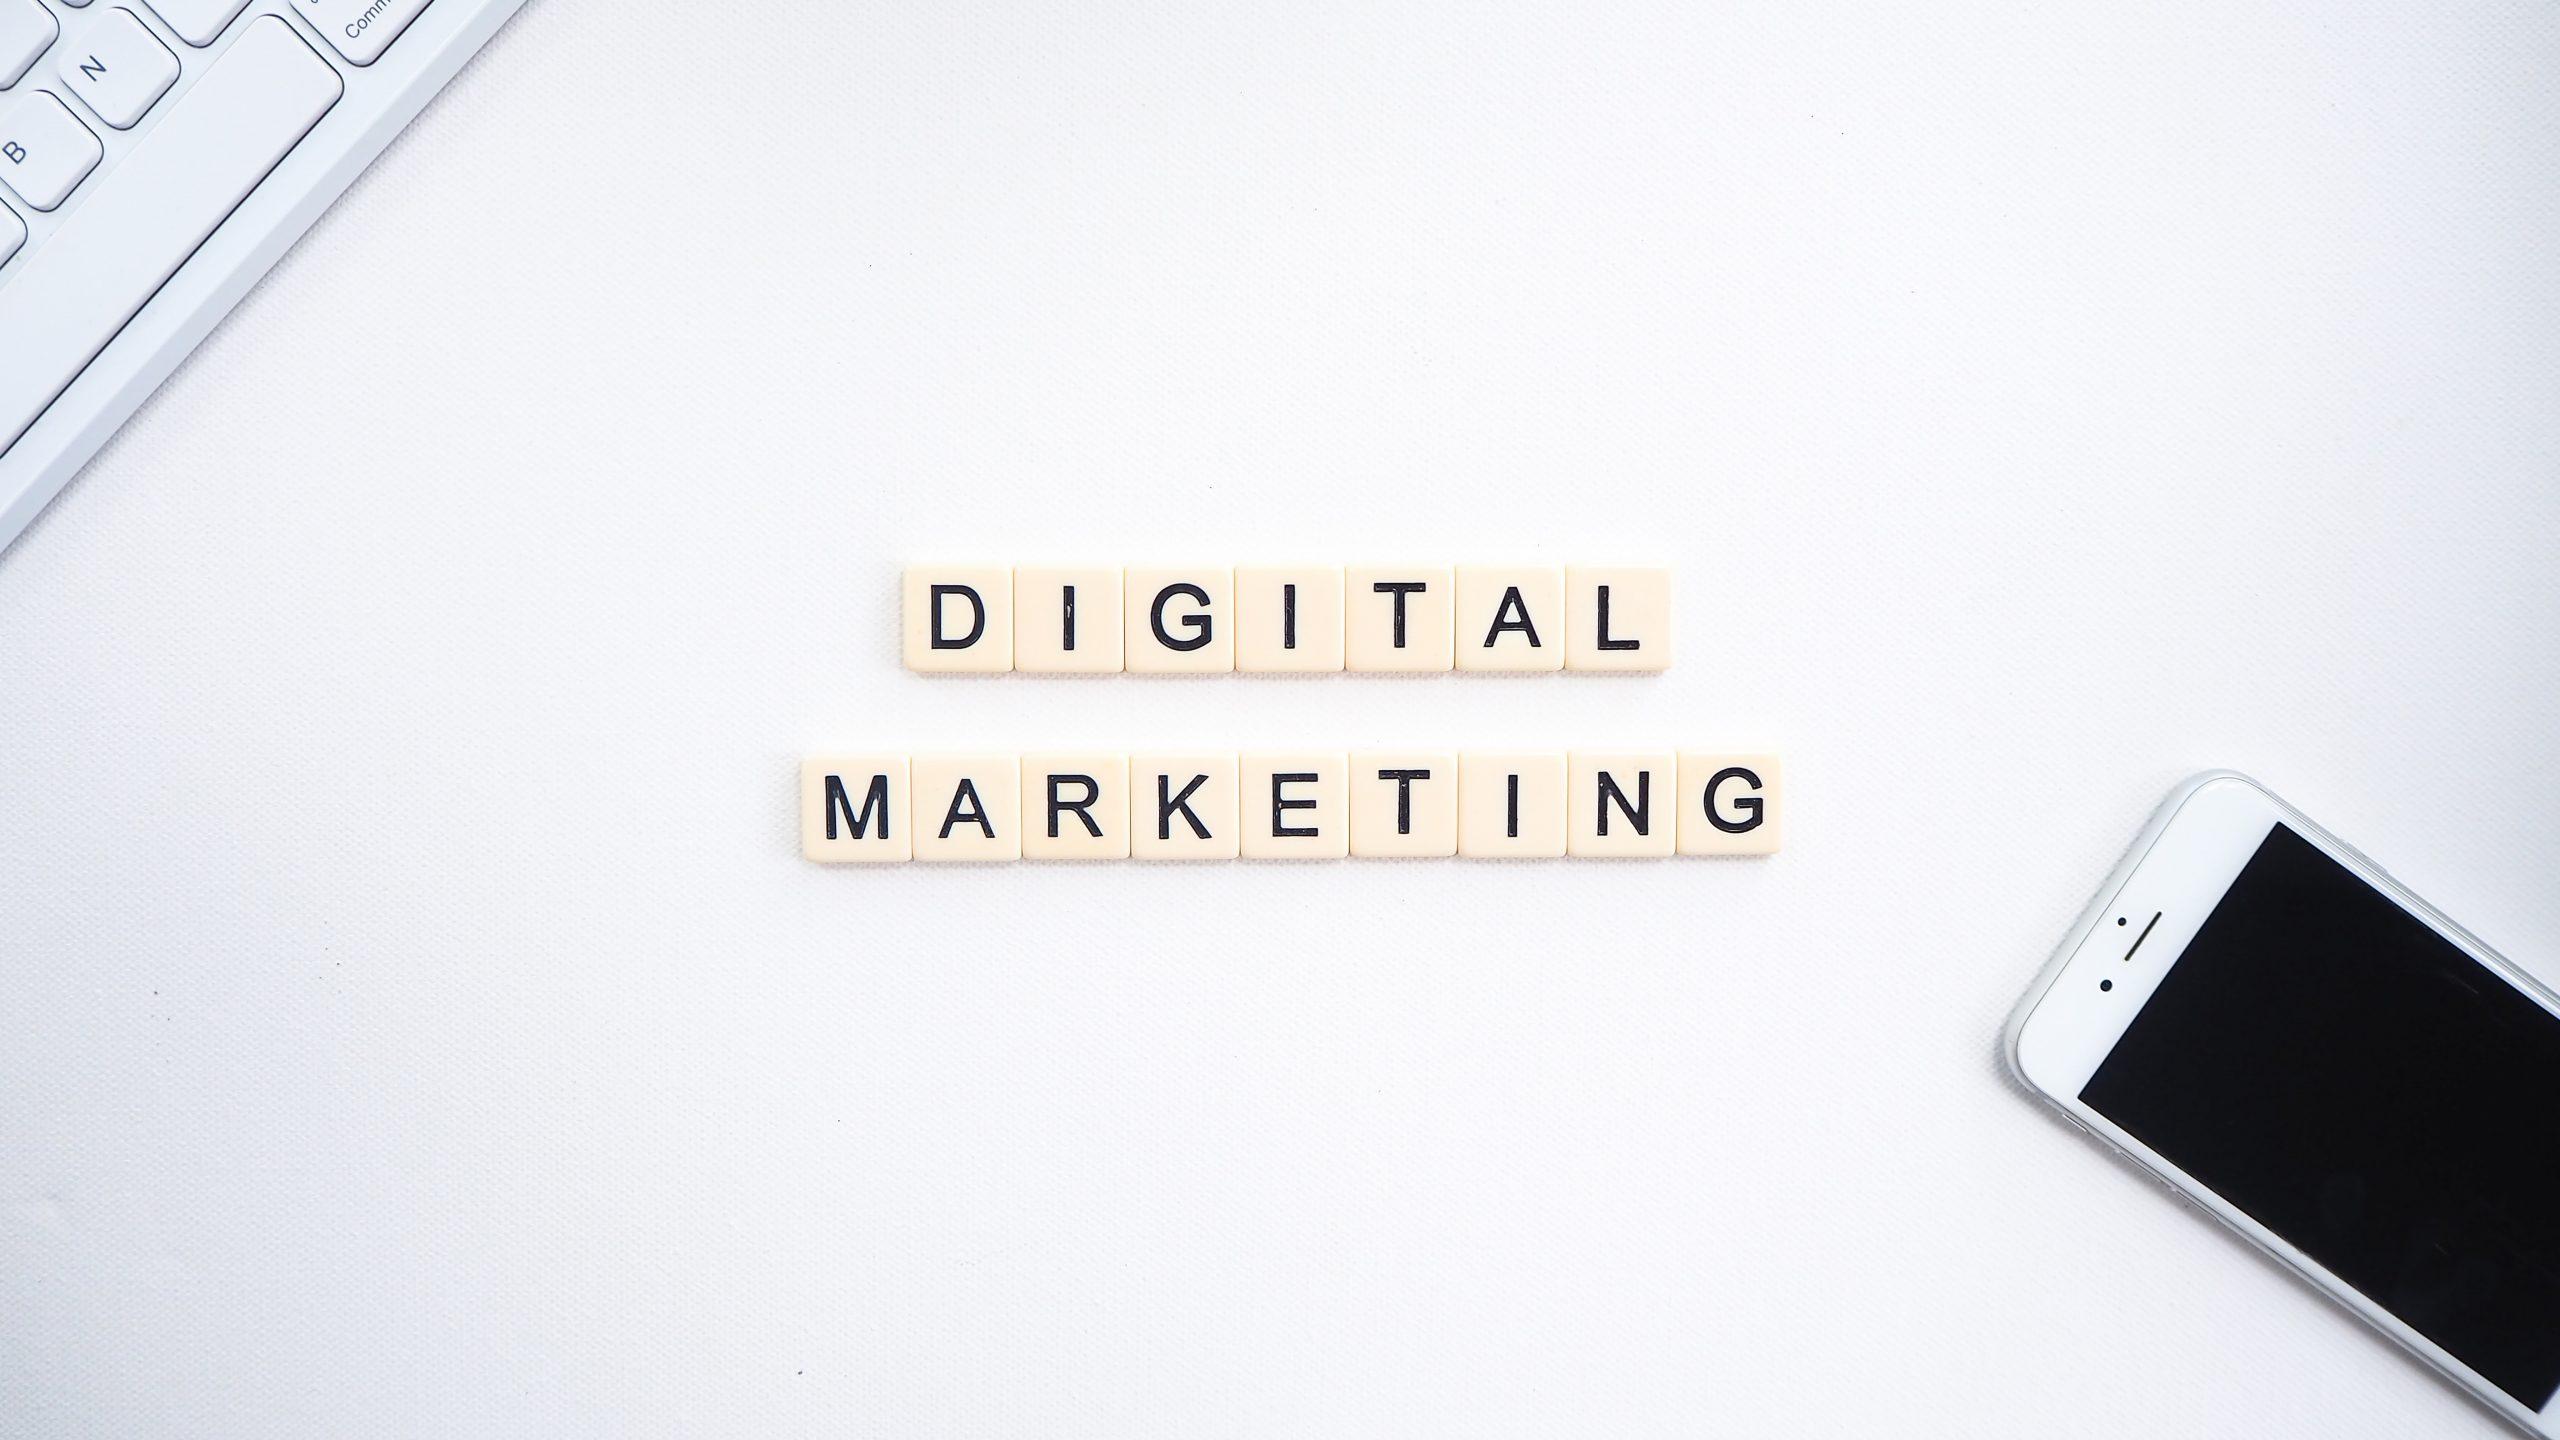 scrabble-letters-spelling-digital-marketing